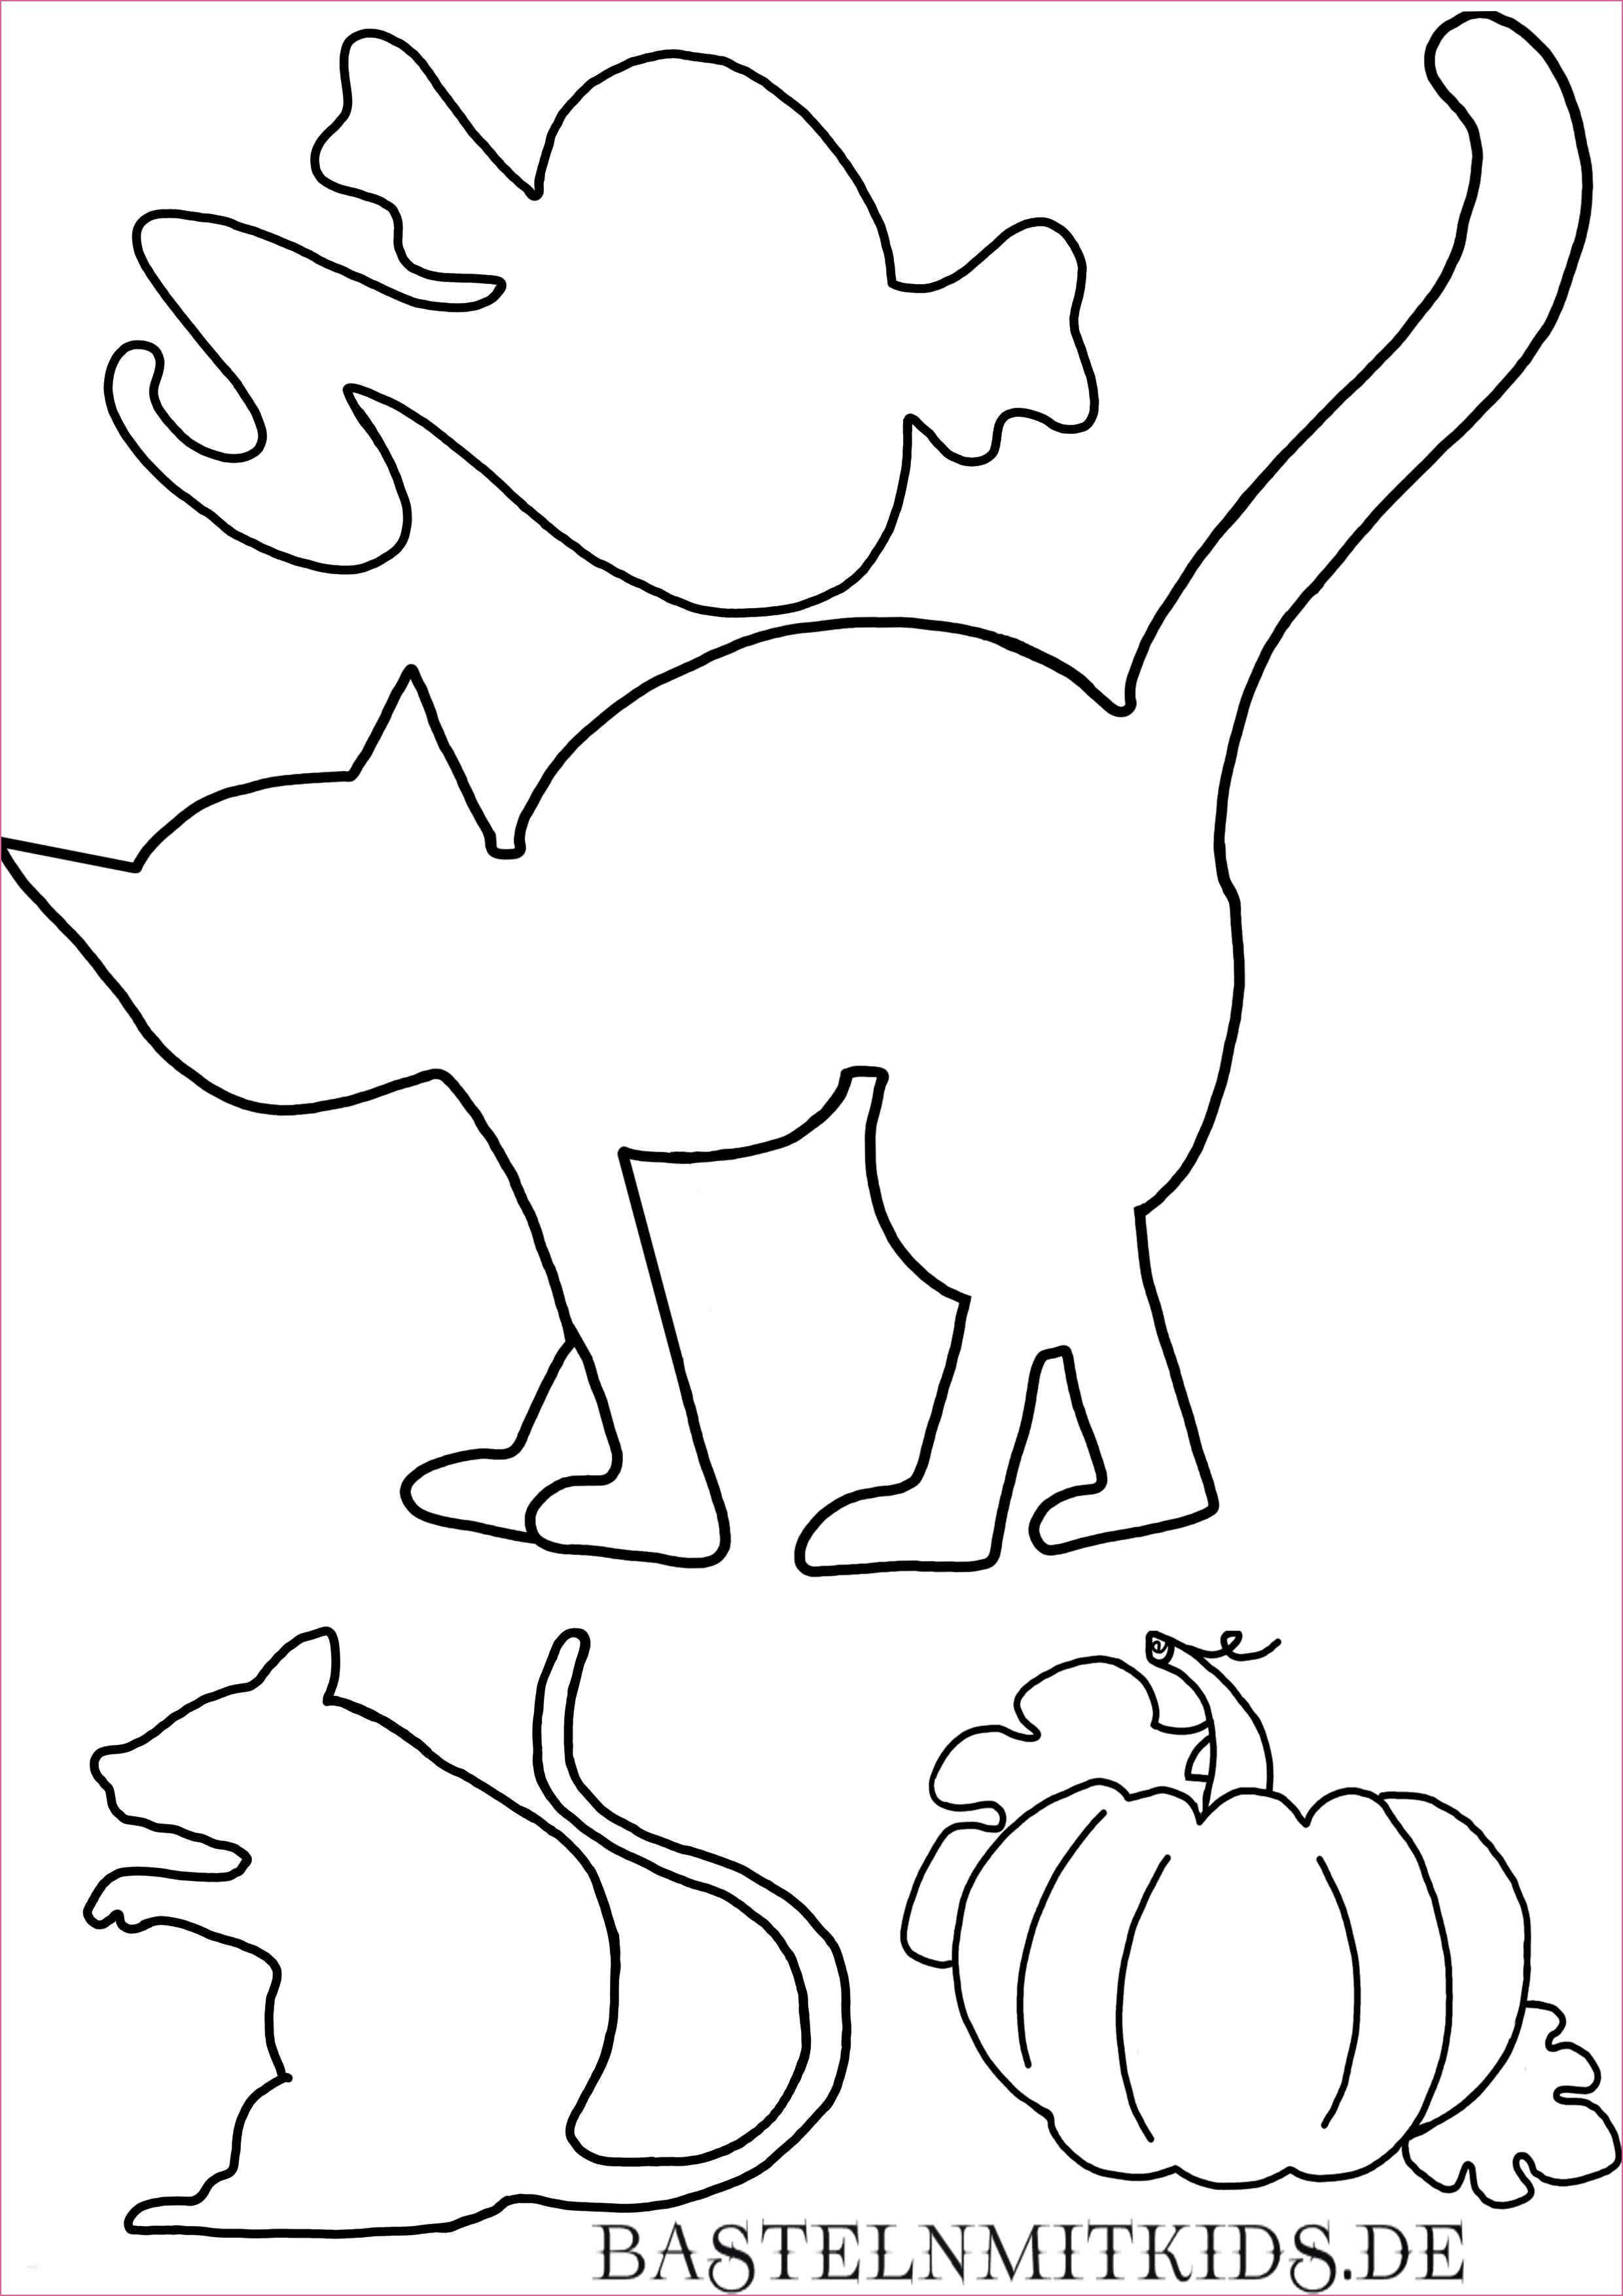 Basteln Vorlagen Kostenlos Ausdrucken Malvorlagen Halloween Halloween Basteln Mit Kindern Halloween Kinder